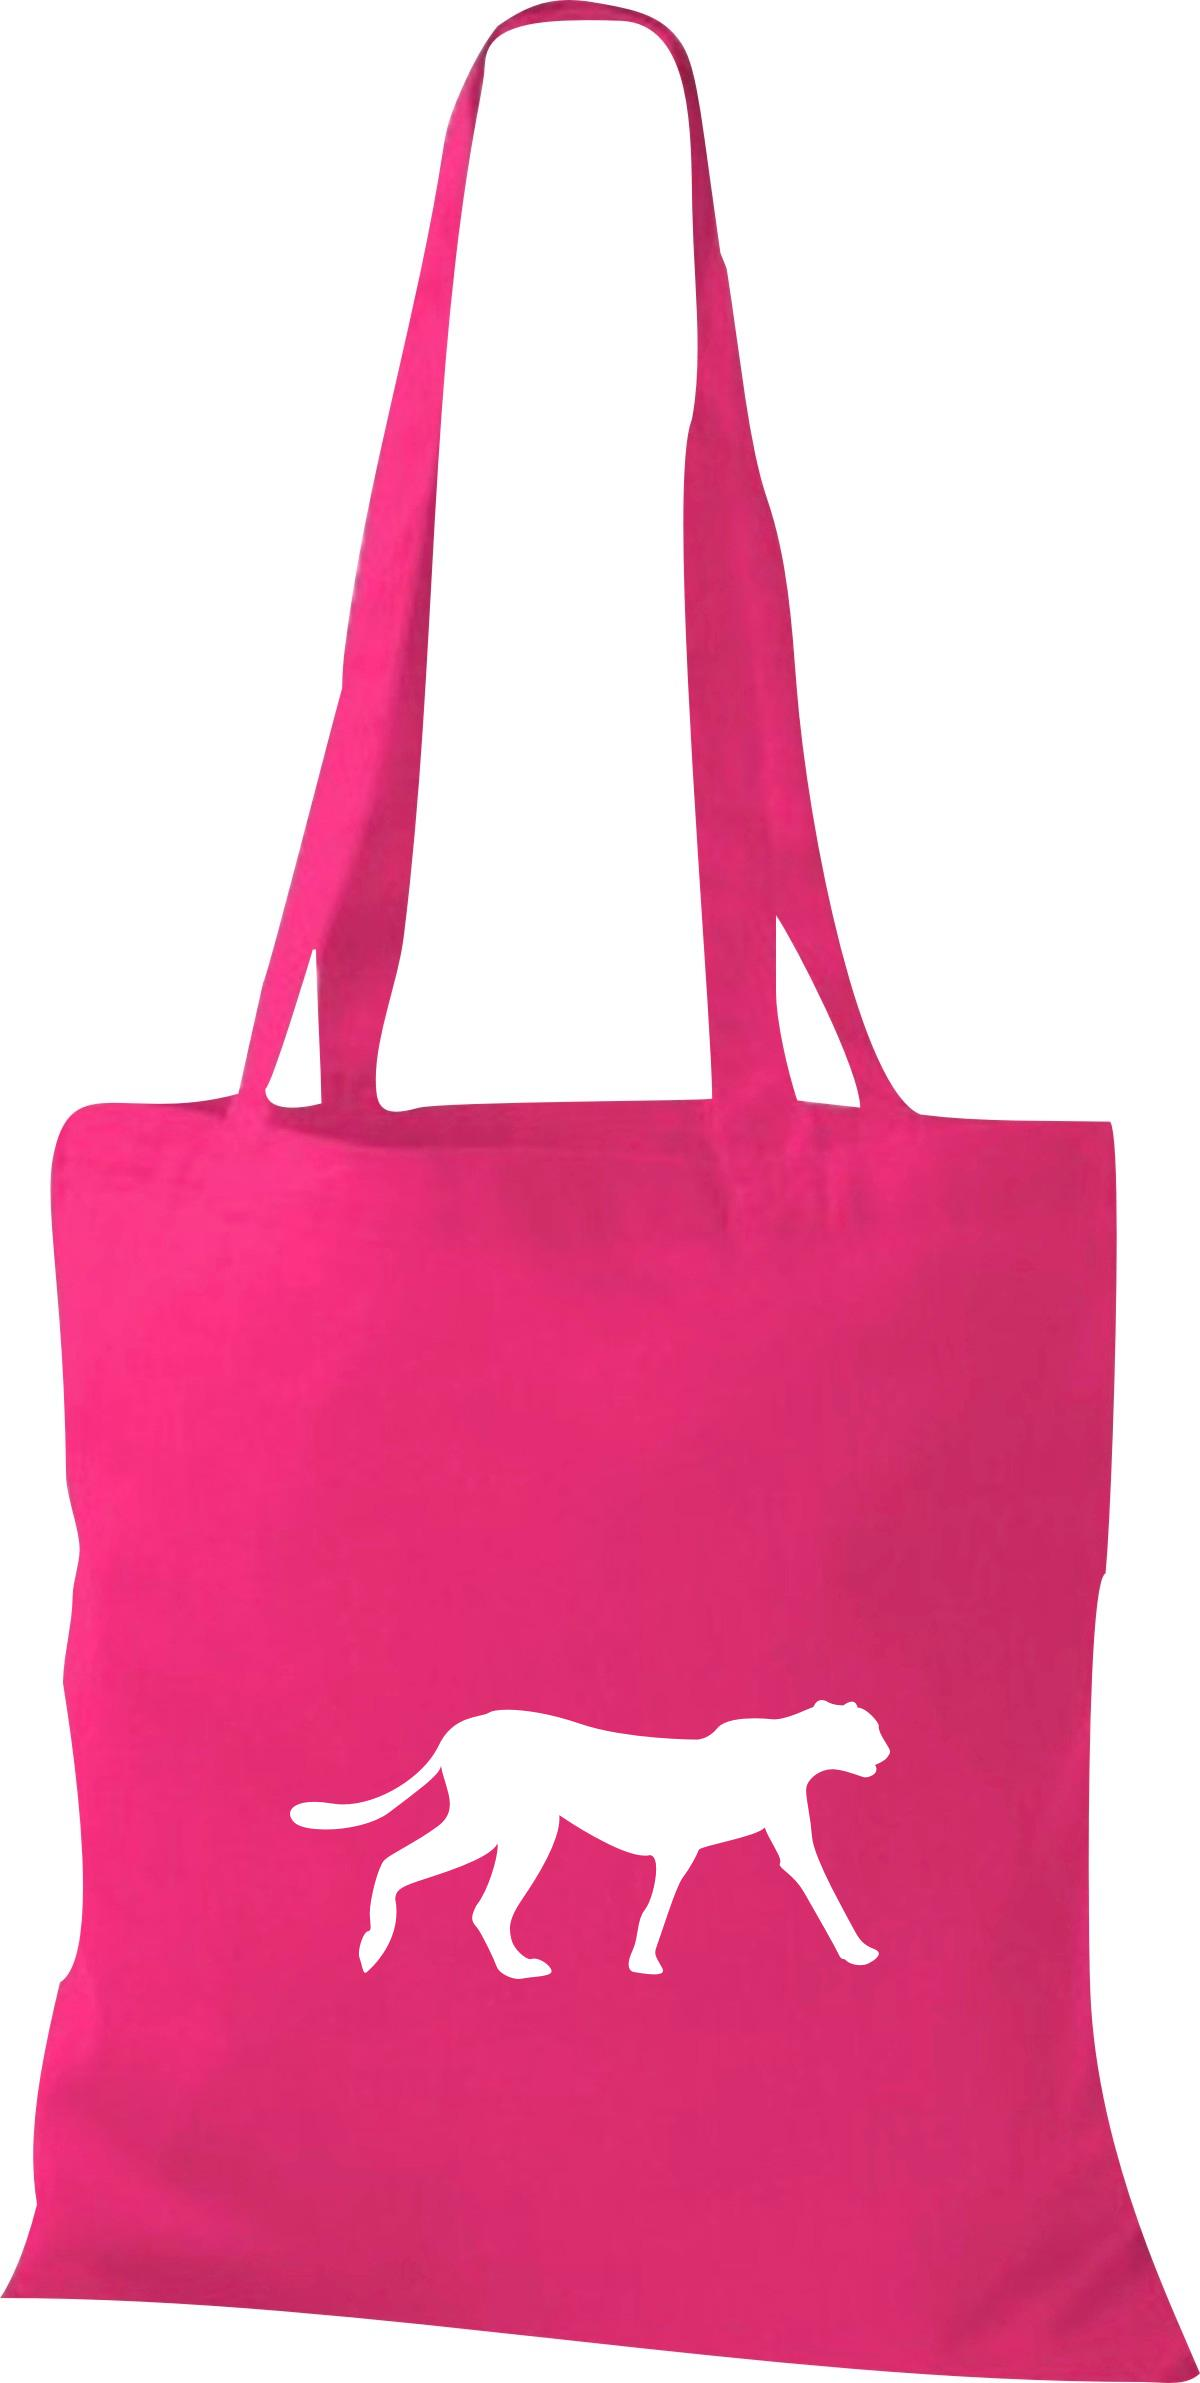 Stoffbeutel lustige Tiermotive, Raubkatze, Puma Kult Baumwolltasche viele Farben